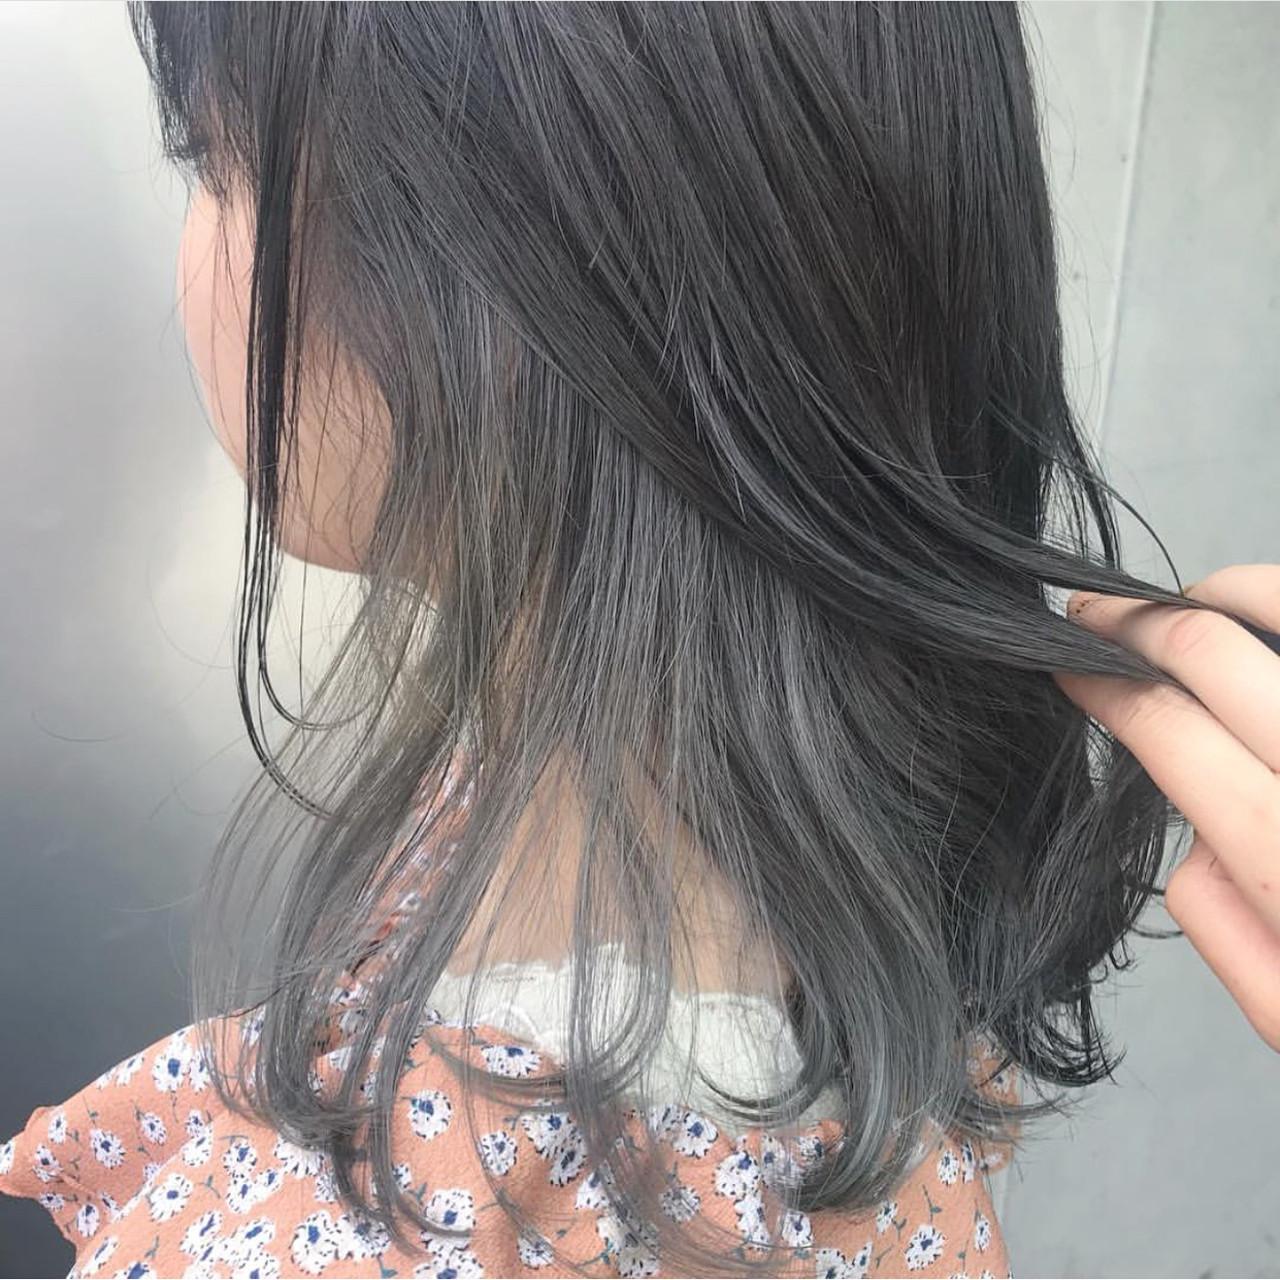 セミロング シアグレー インナーカラー インナーカラーグレージュヘアスタイルや髪型の写真・画像